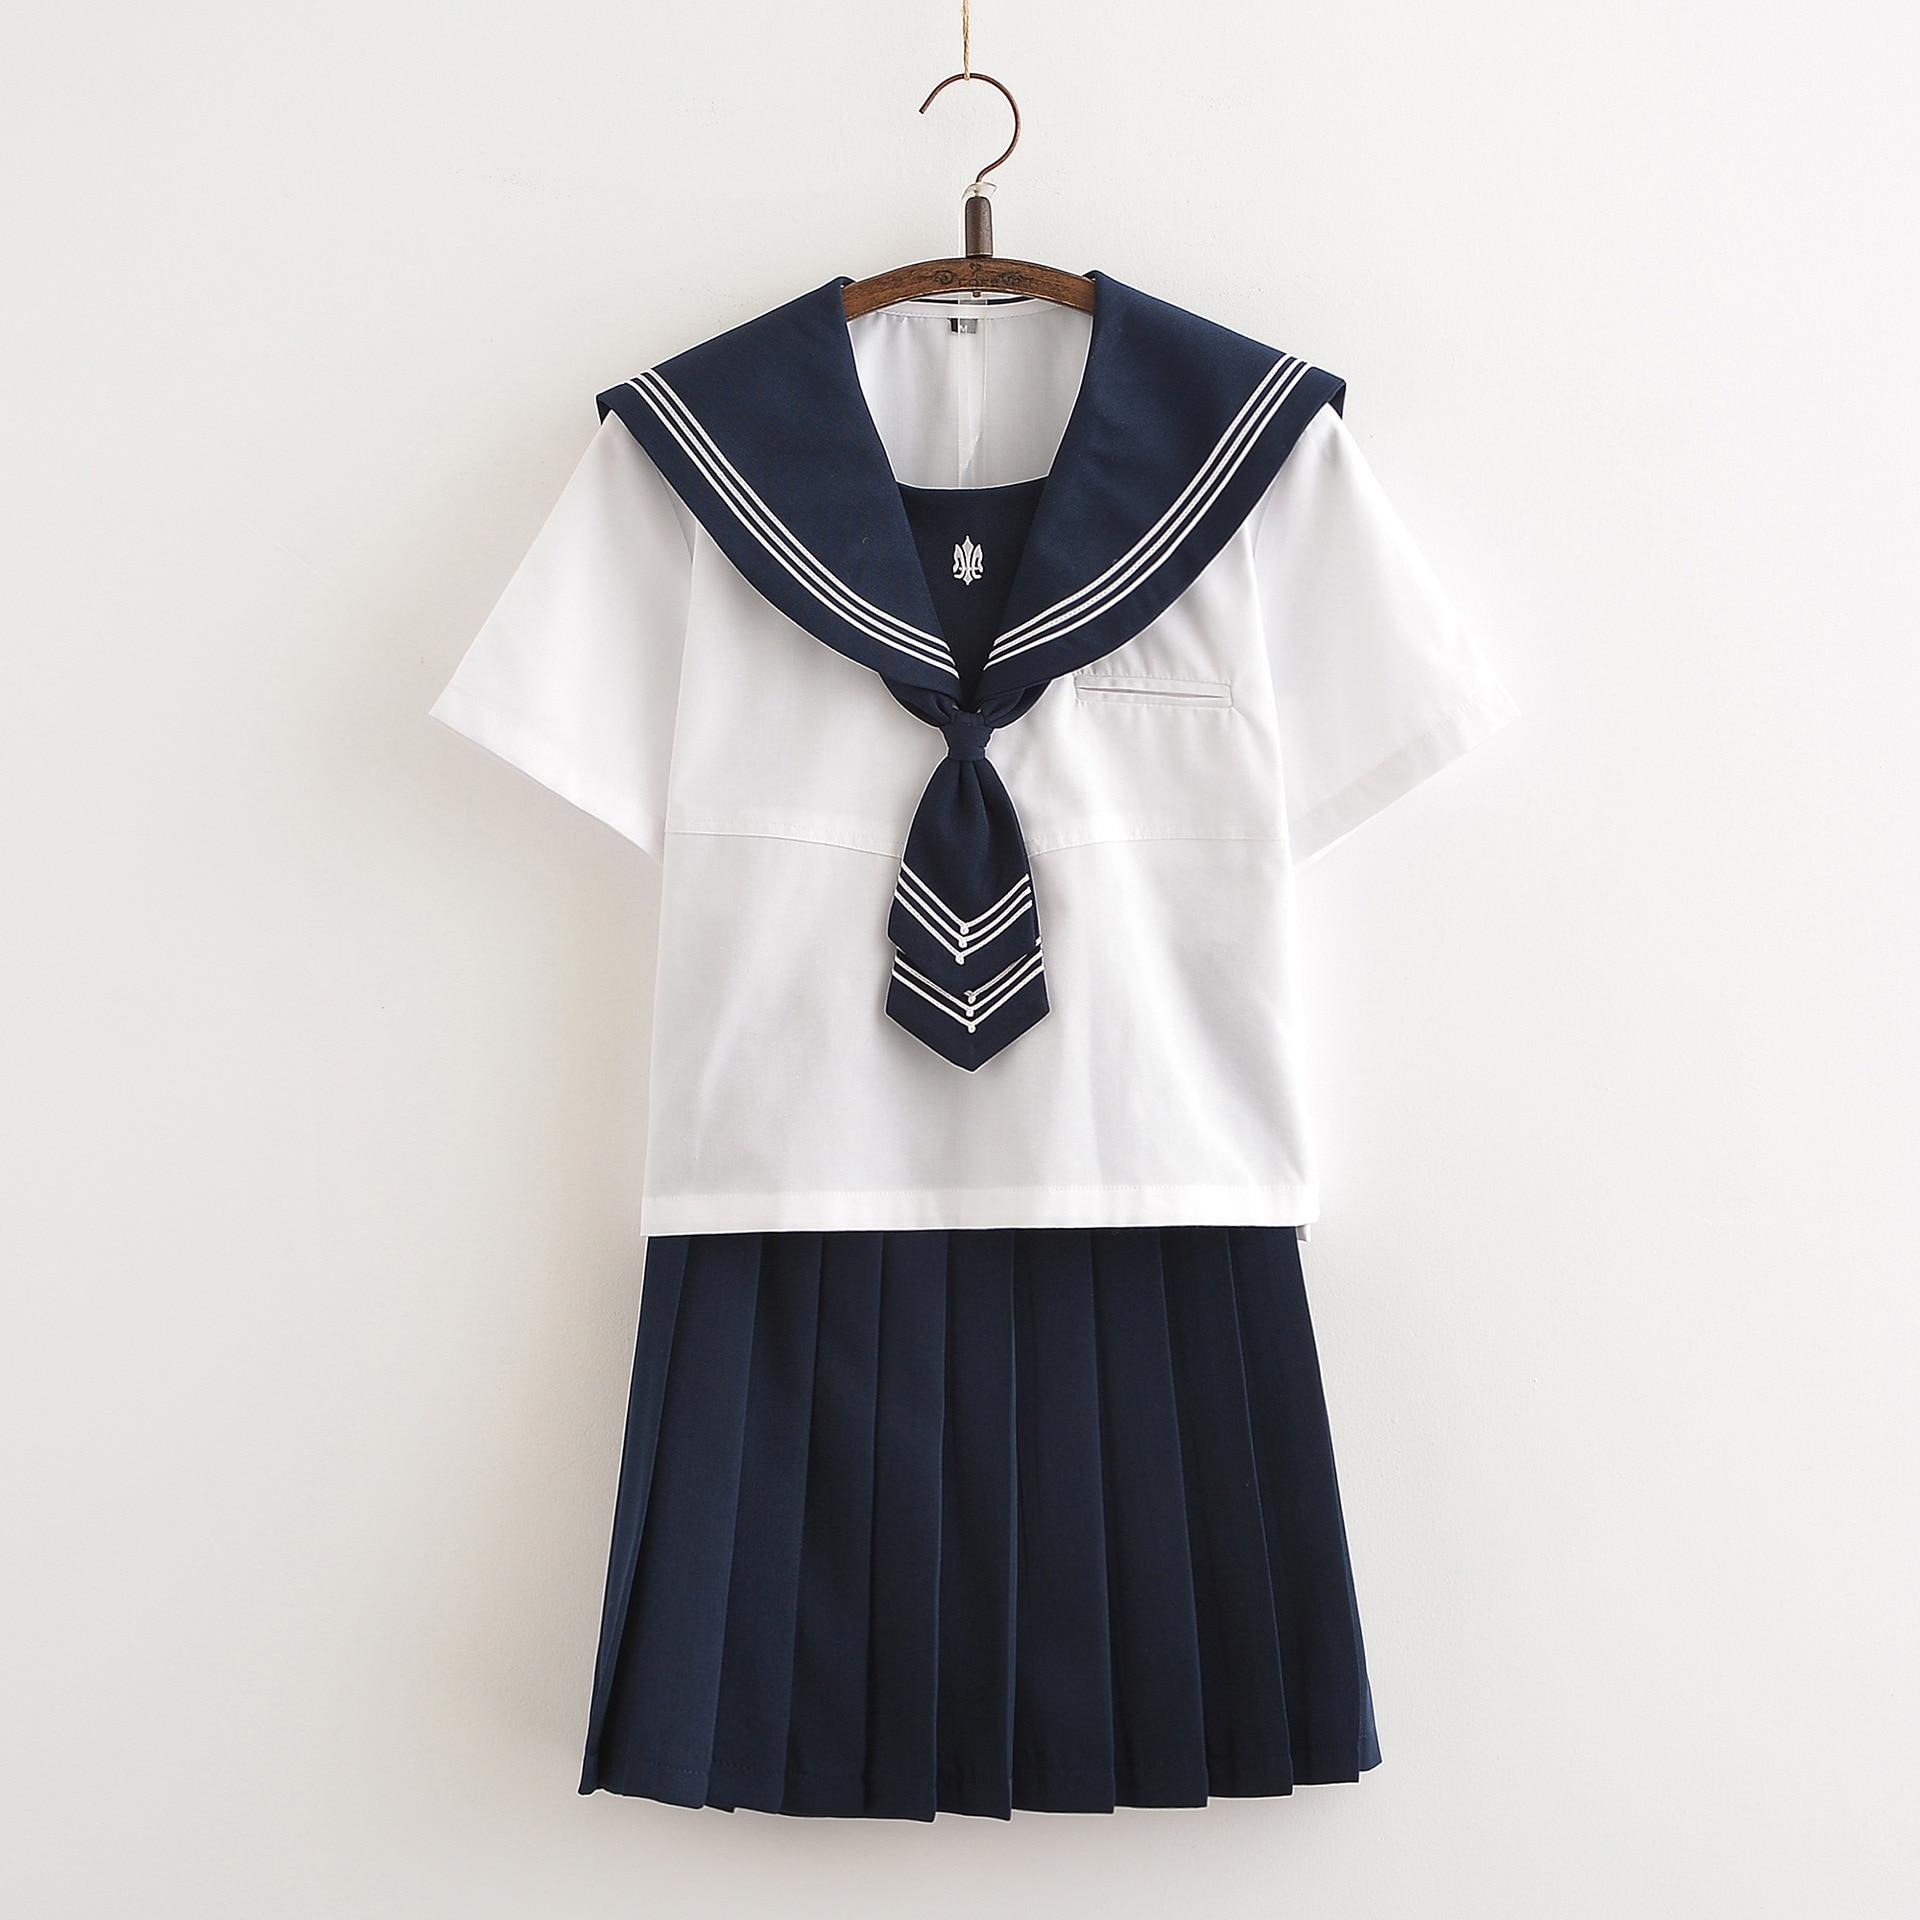 Marinero japonés uniforme para estudiantes mujeres de clase uniforme JK conjuntos uniforme de la escuela